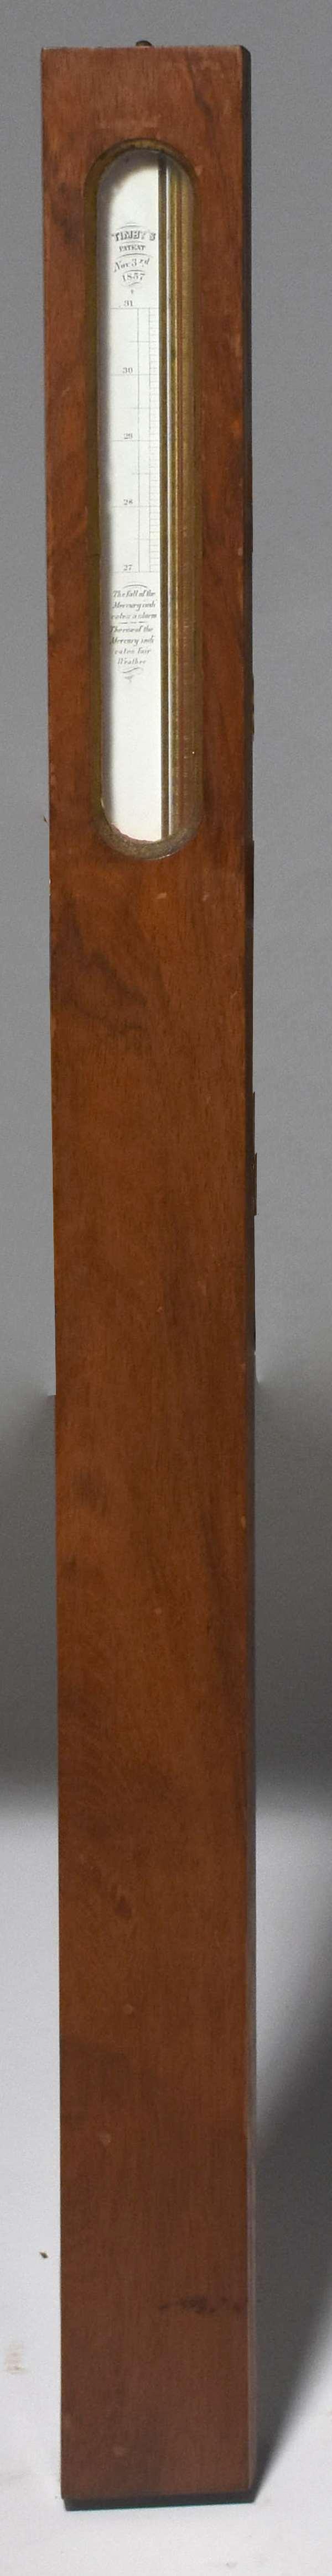 Rosewood barometer, Timby's pat 1857